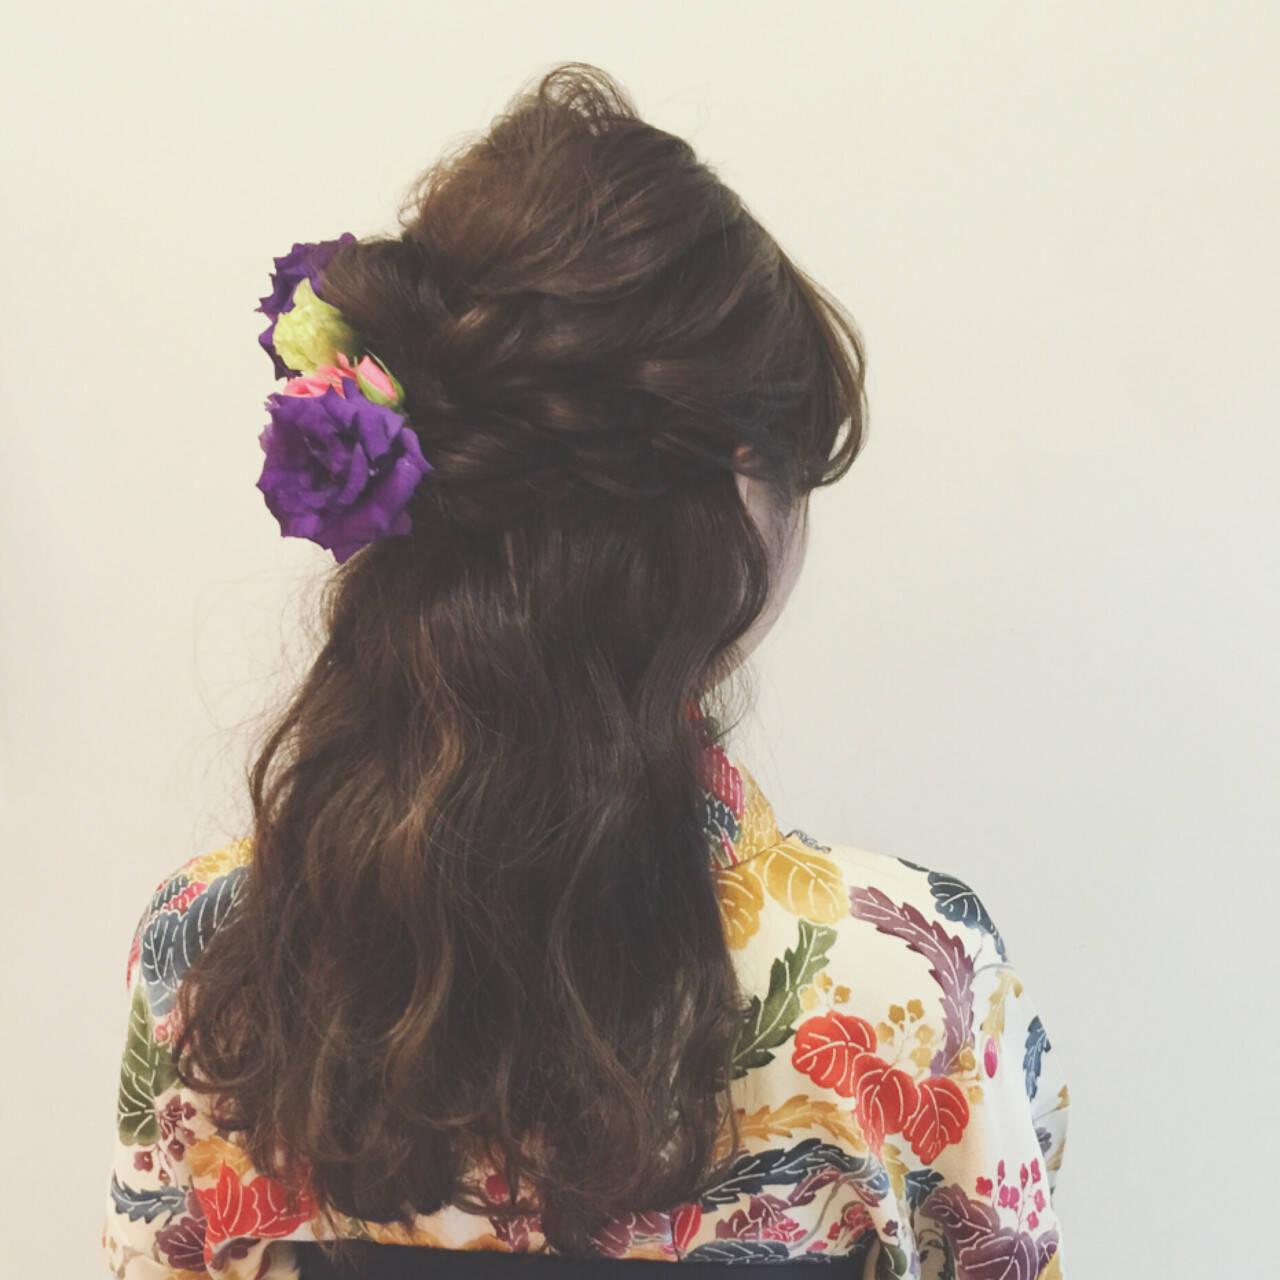 ショート 大人かわいい ヘアアレンジ ハーフアップヘアスタイルや髪型の写真・画像